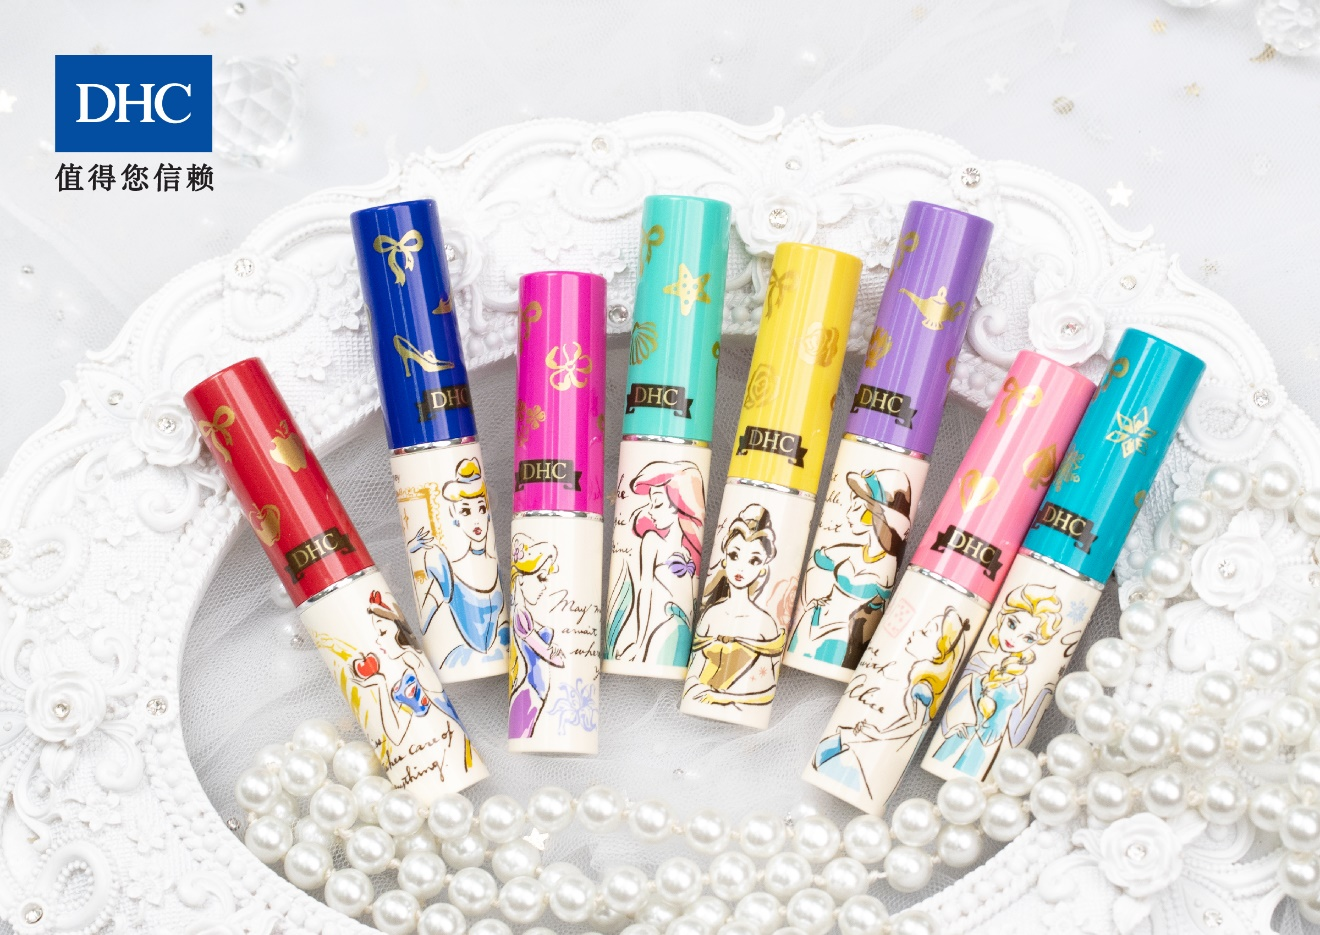 DHC迪士尼橄榄护唇膏【迪士尼珍藏8支组】,让你成功一秒变公主!